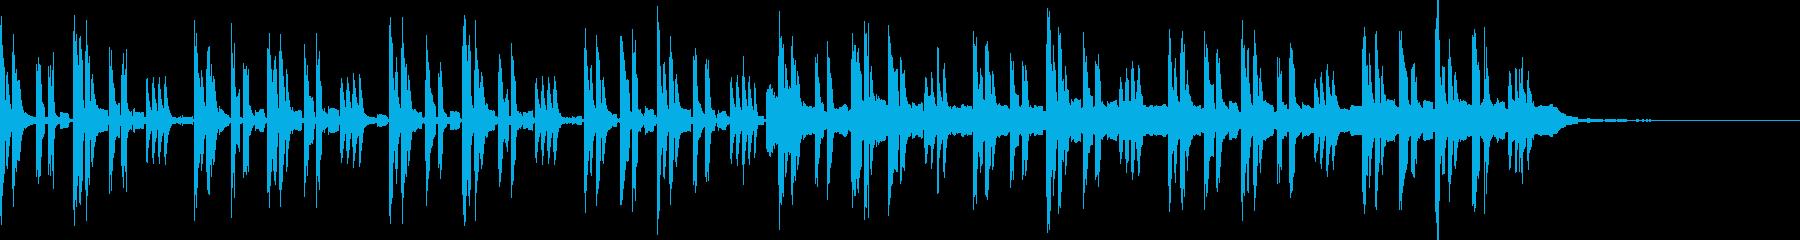 優しい雰囲気のミニマルポップの再生済みの波形